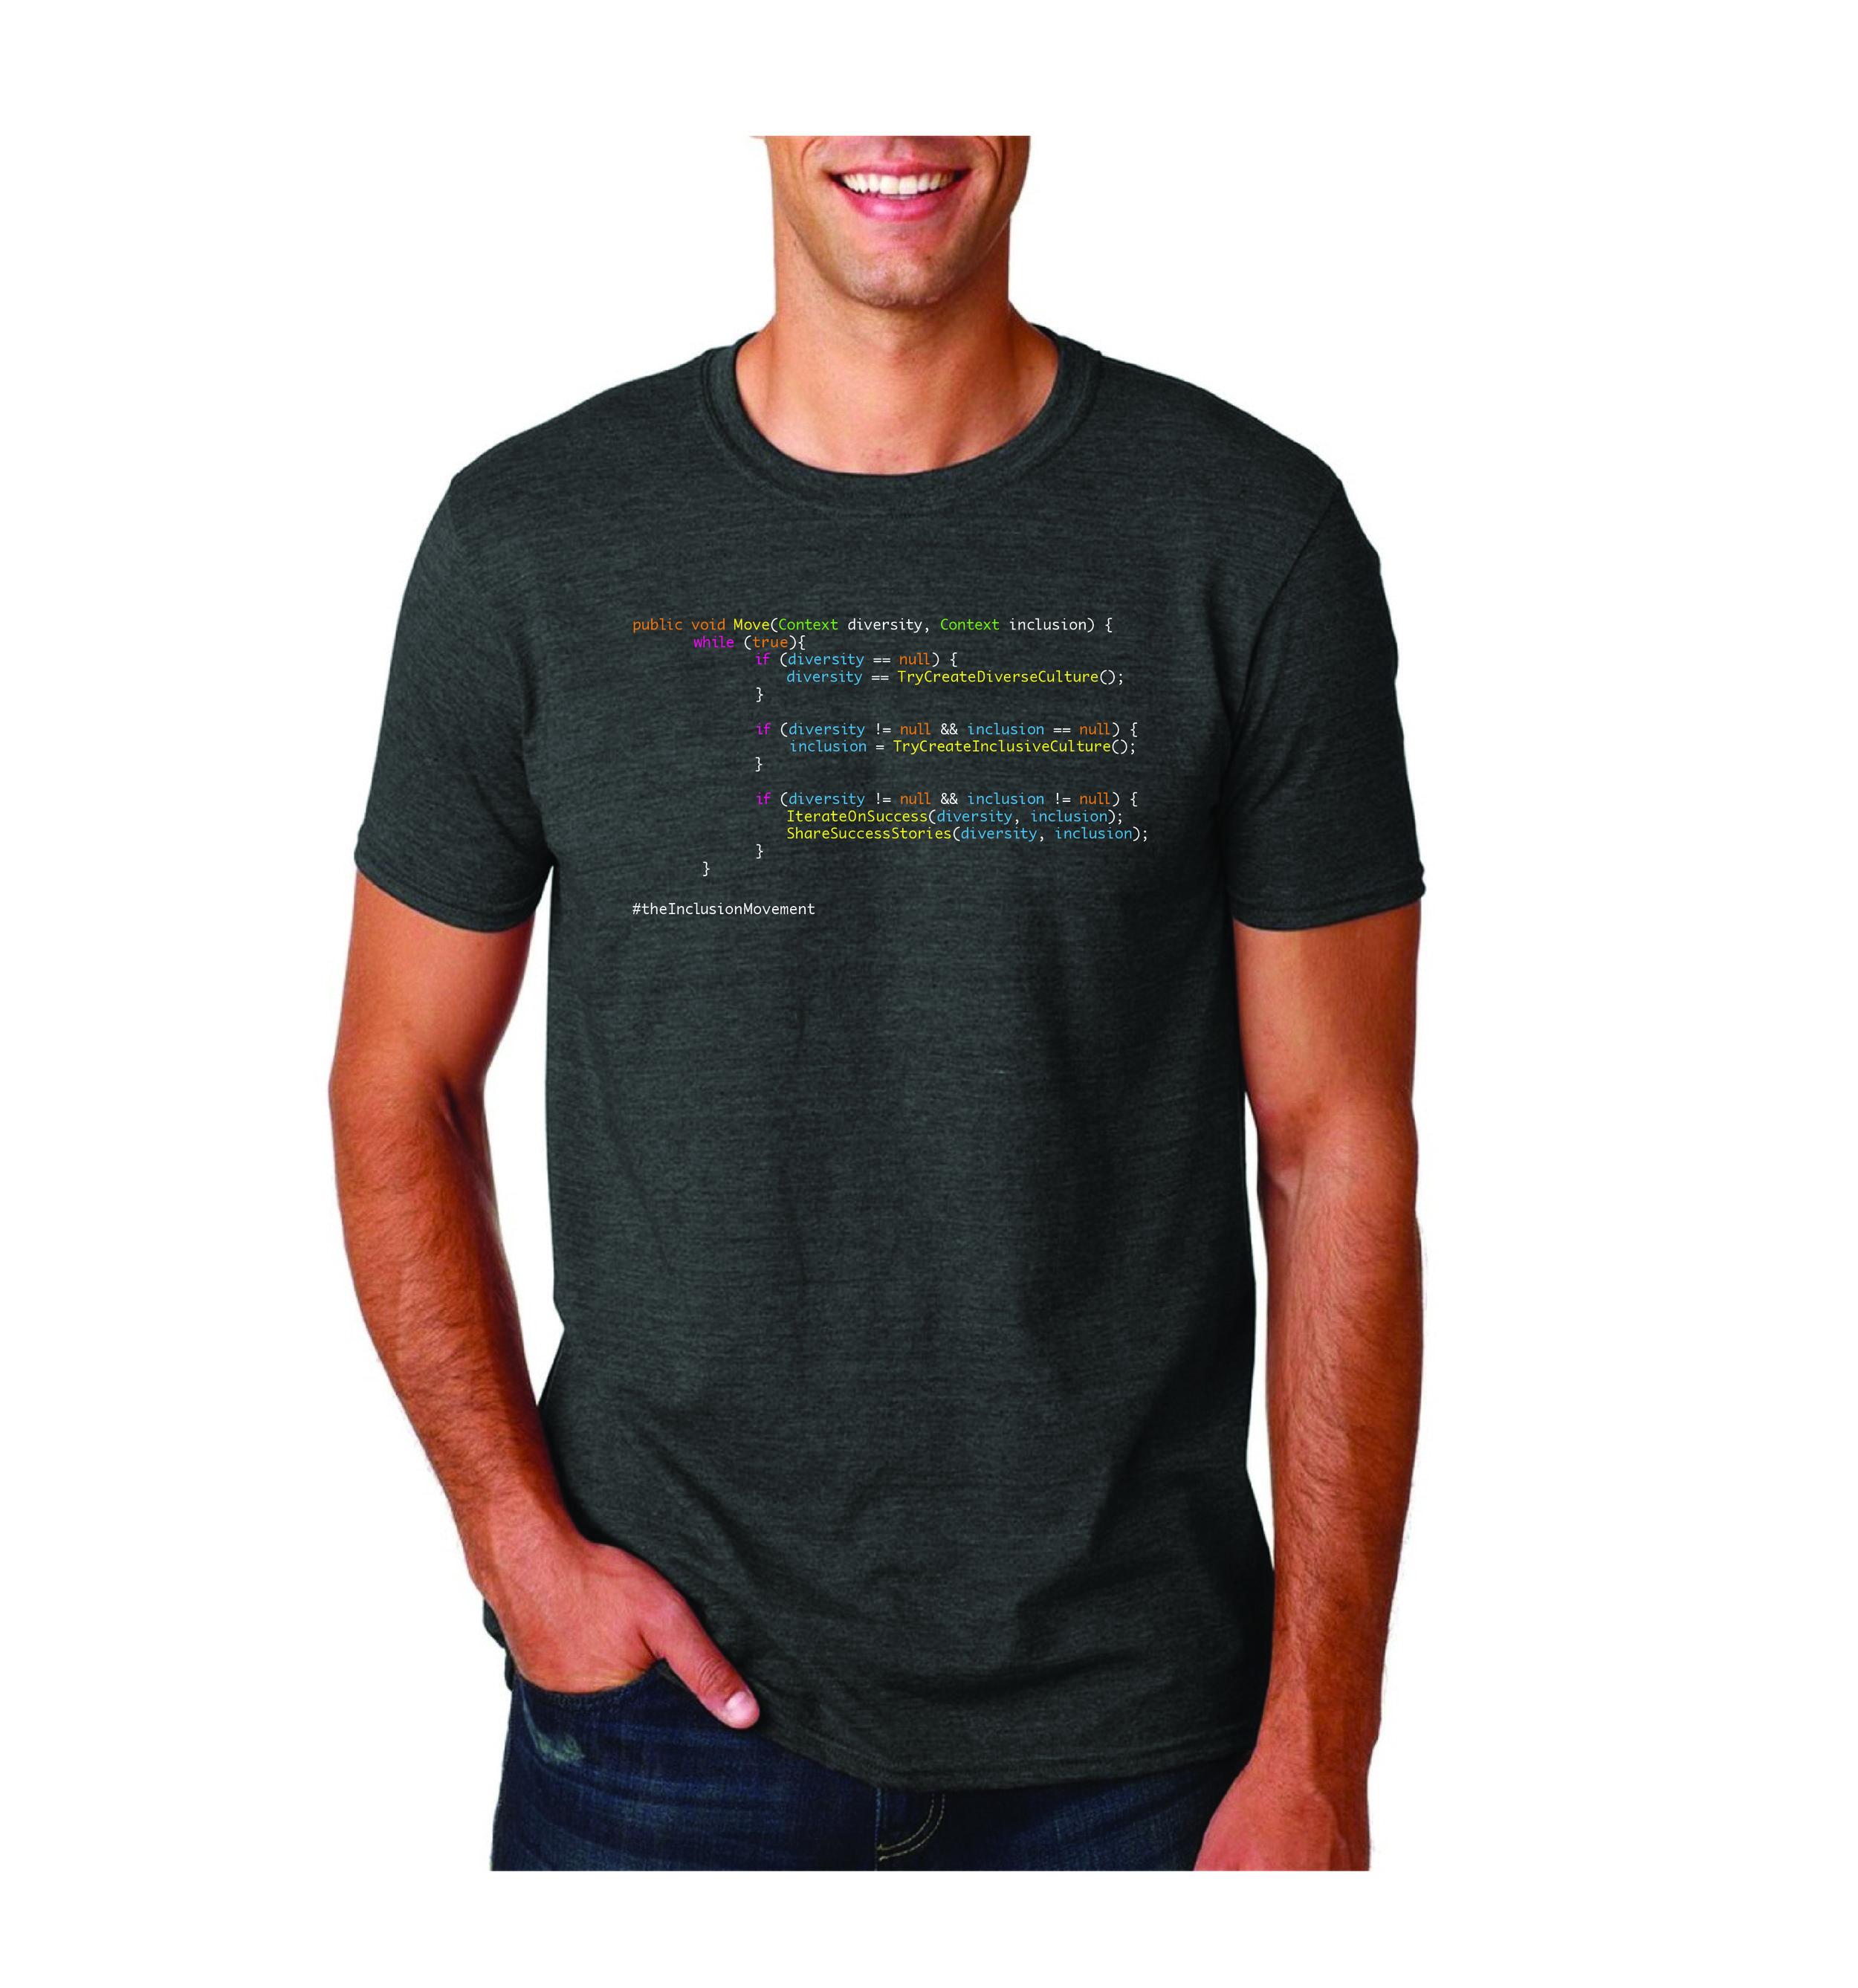 shirtfront@2x-100.jpg